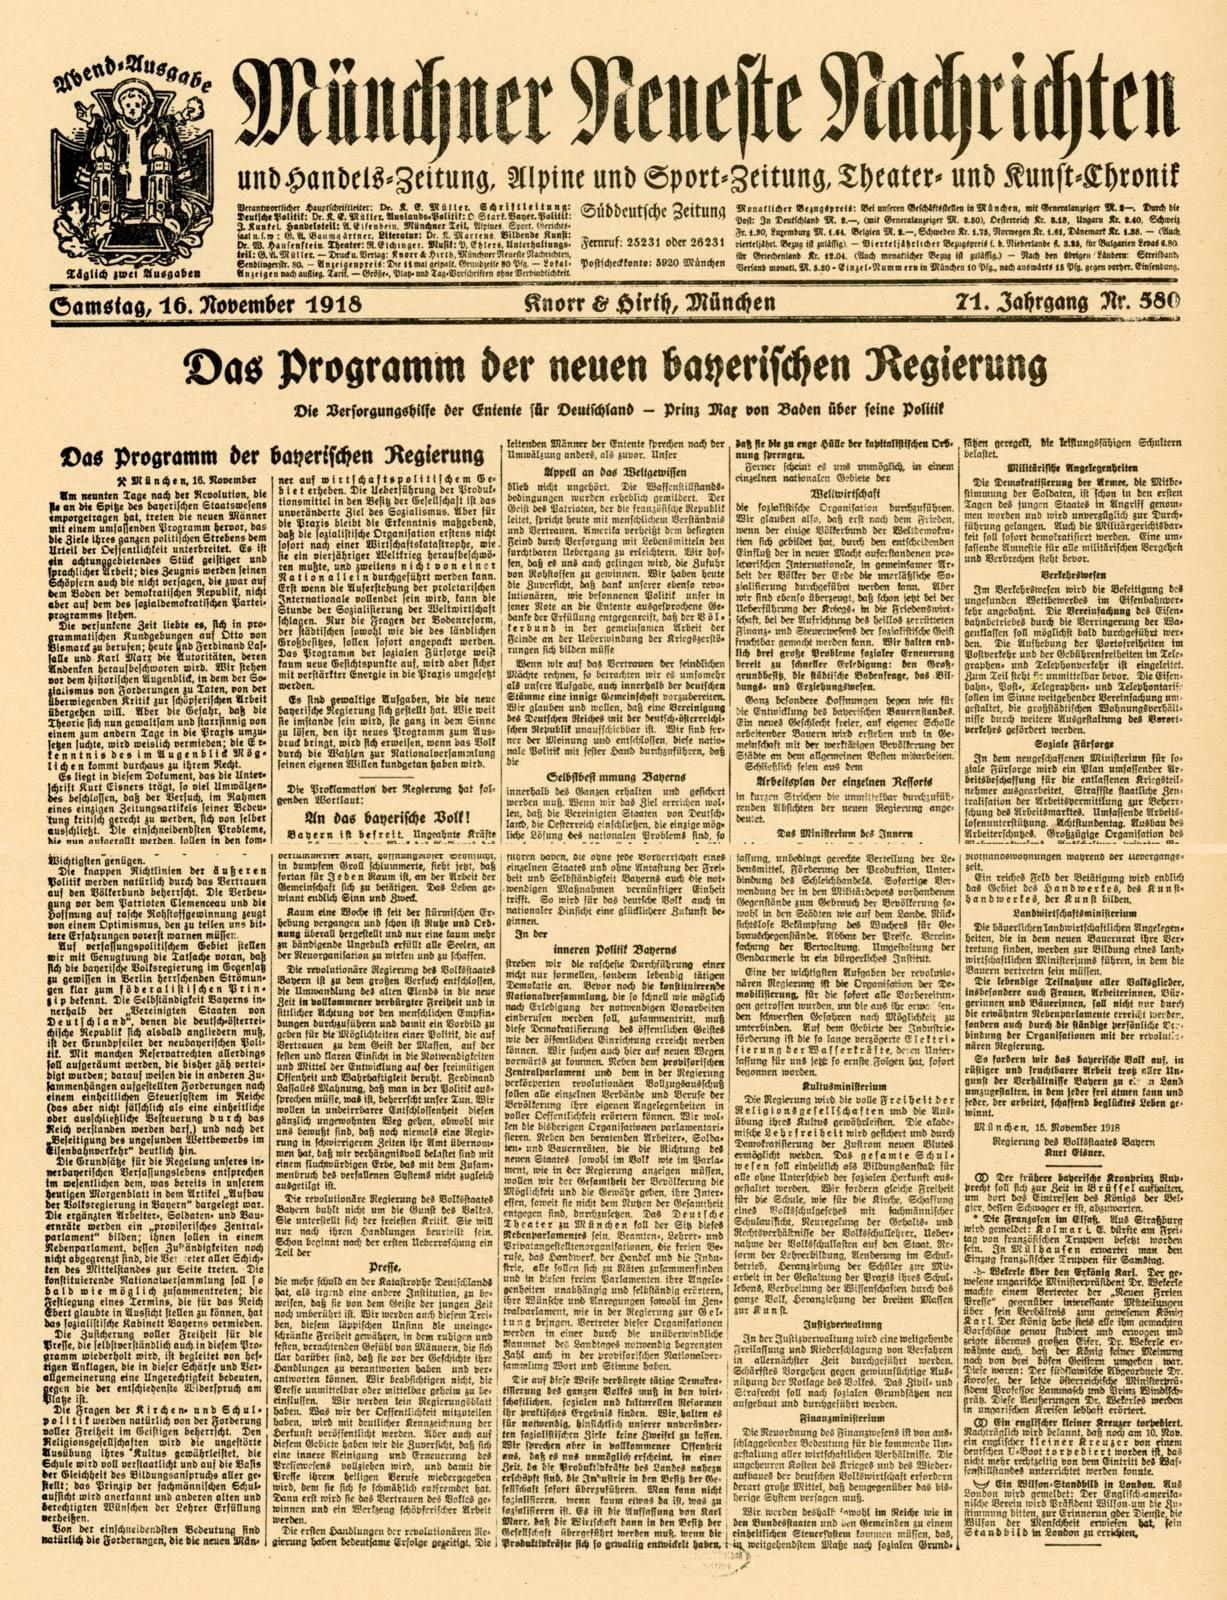 Das Programm der neuen bayerischen Regierung